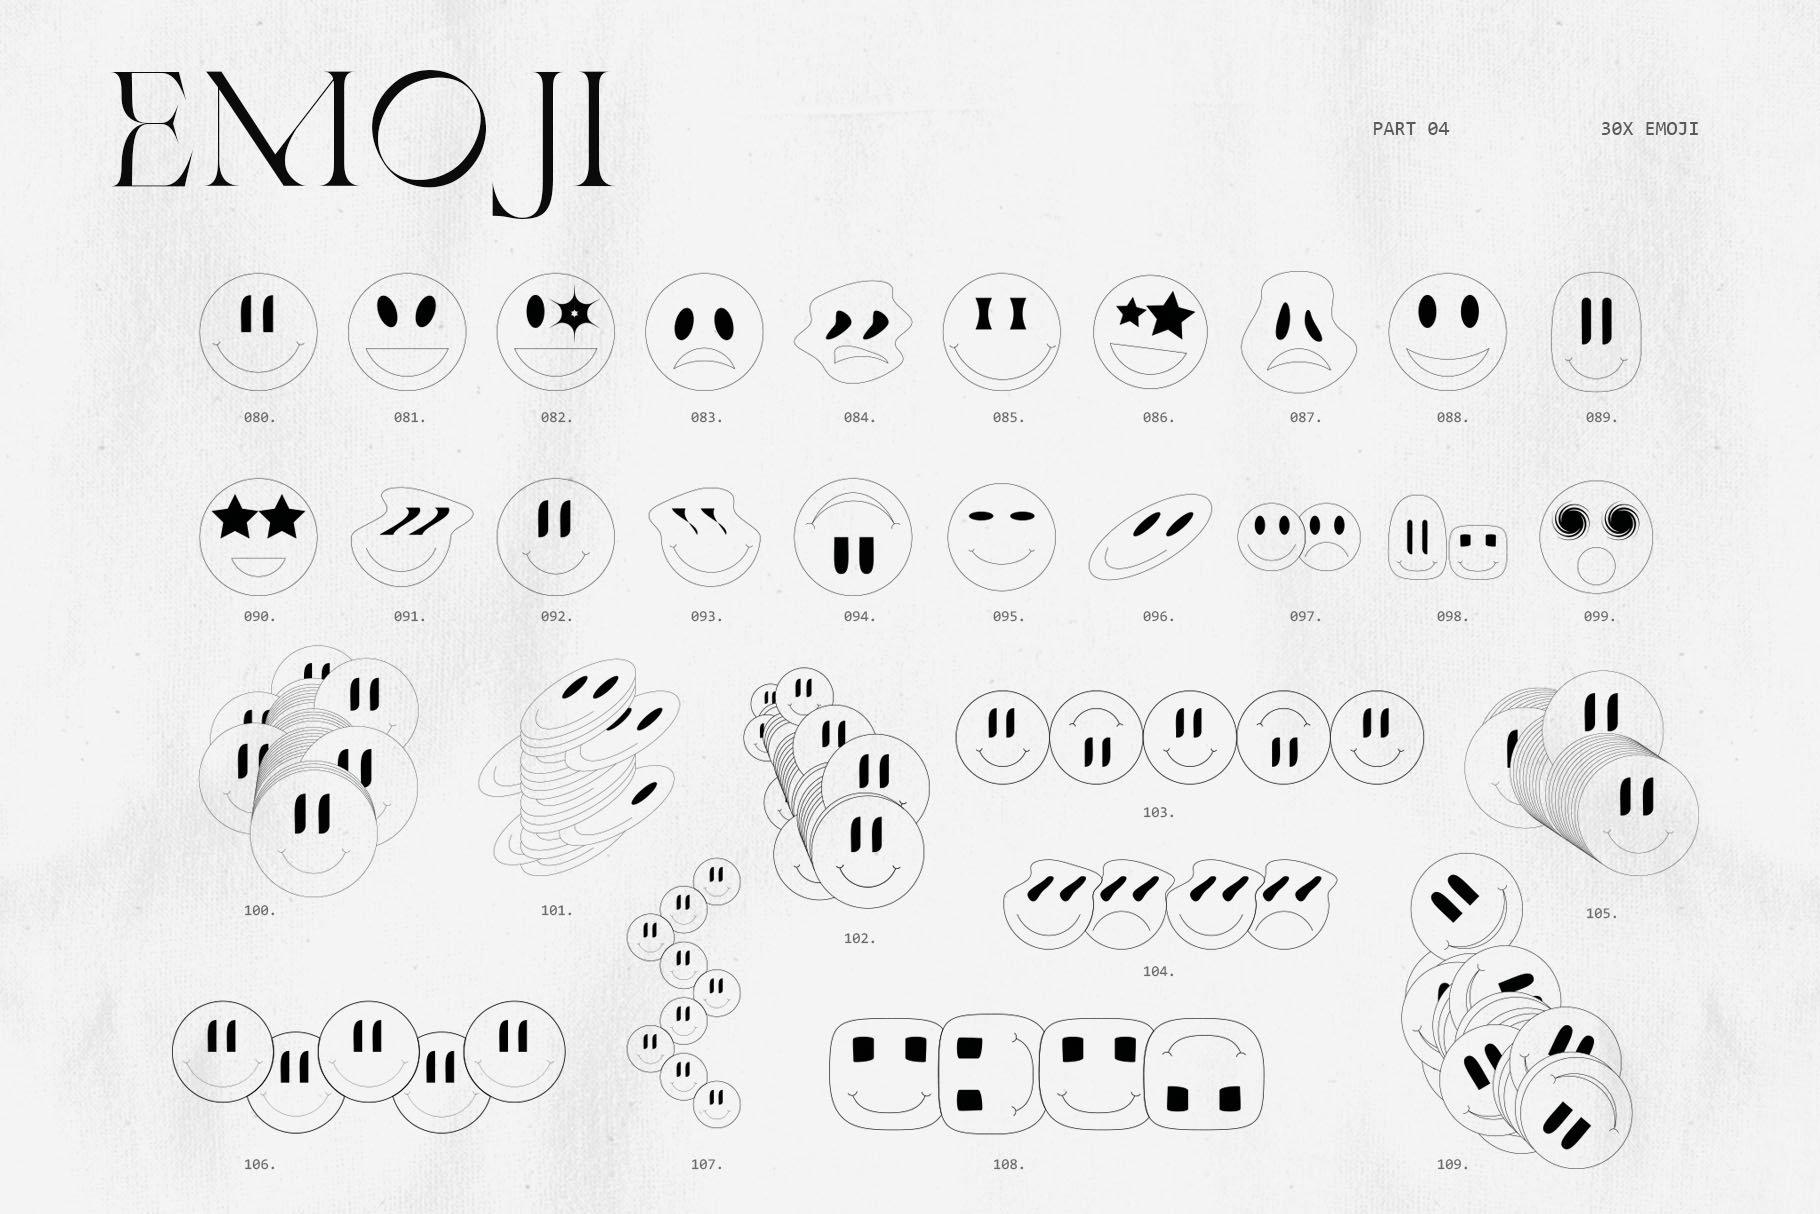 [淘宝购买] 潮流抽象几何形状渐变背景粗糙纹理海报背景设计素材套装 Inartflow – Shapes And Textures插图5